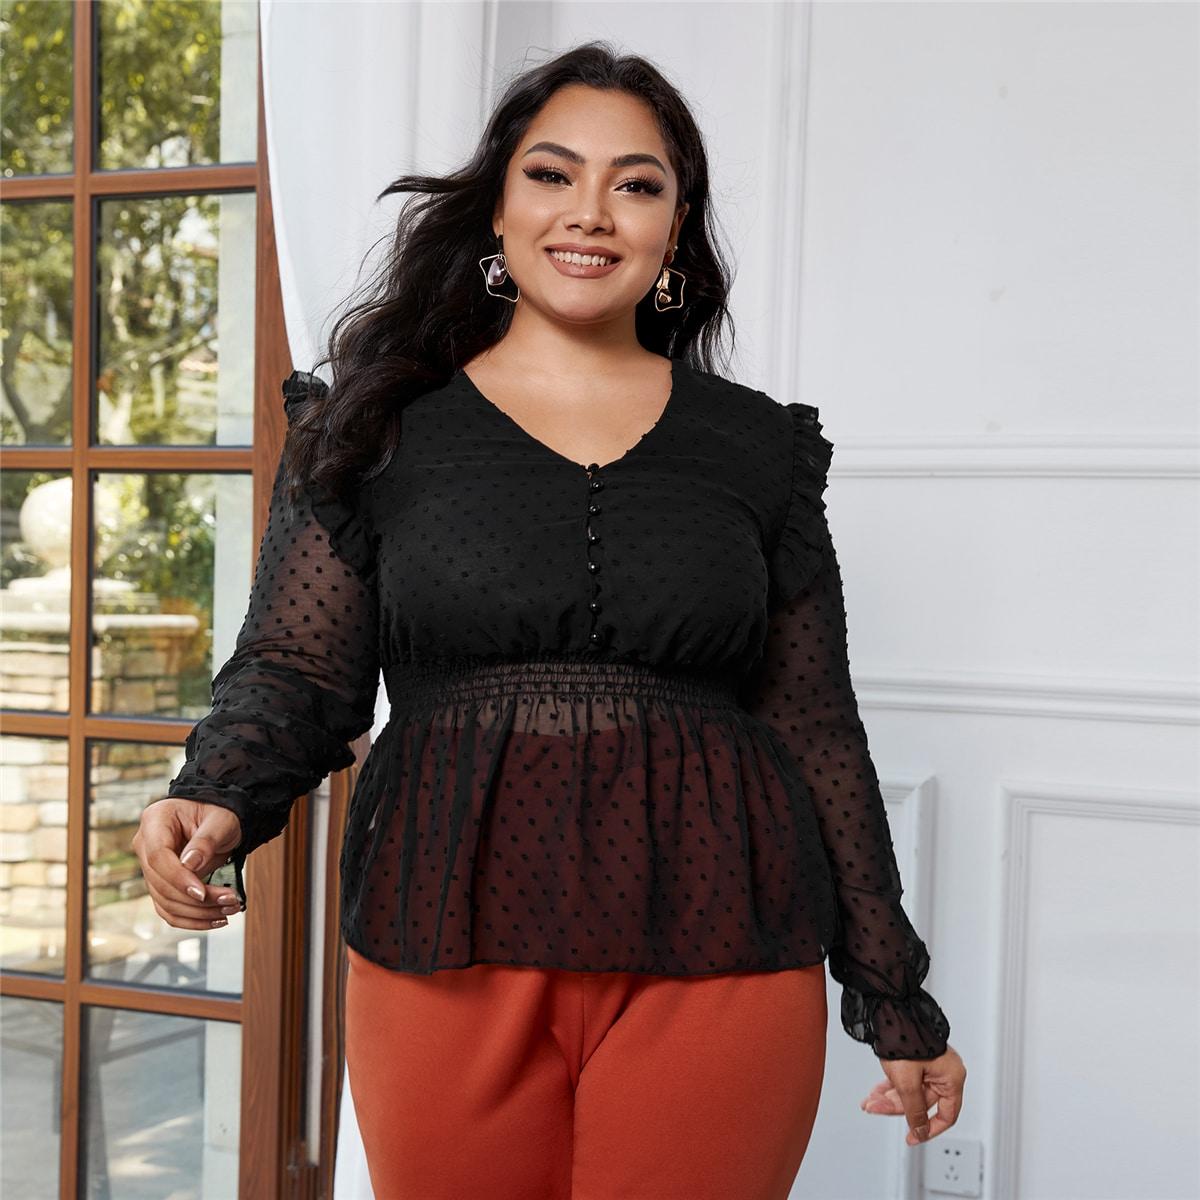 SHEIN / Bluse mit Punkten Muster, geraffter Taille und Rüschenbesatz